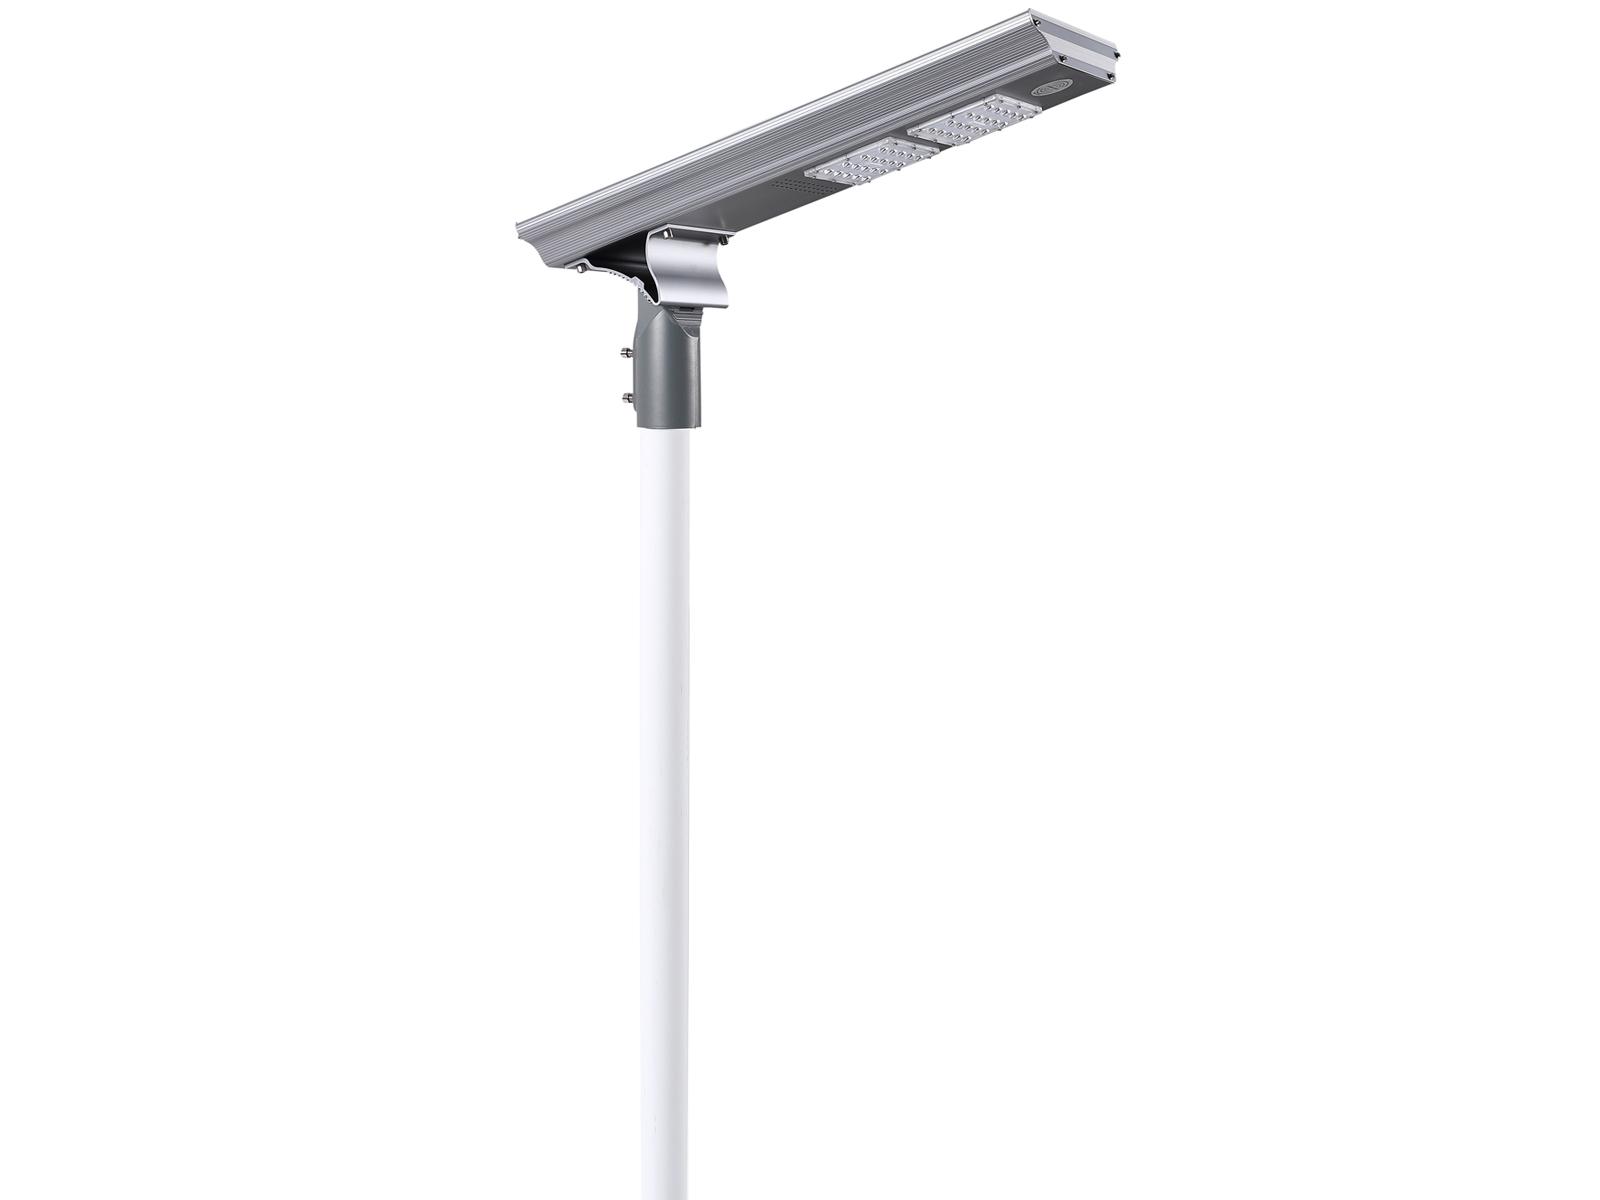 一体化太阳能路灯_一体化太阳能路灯厂家_一体化太阳能路灯价格